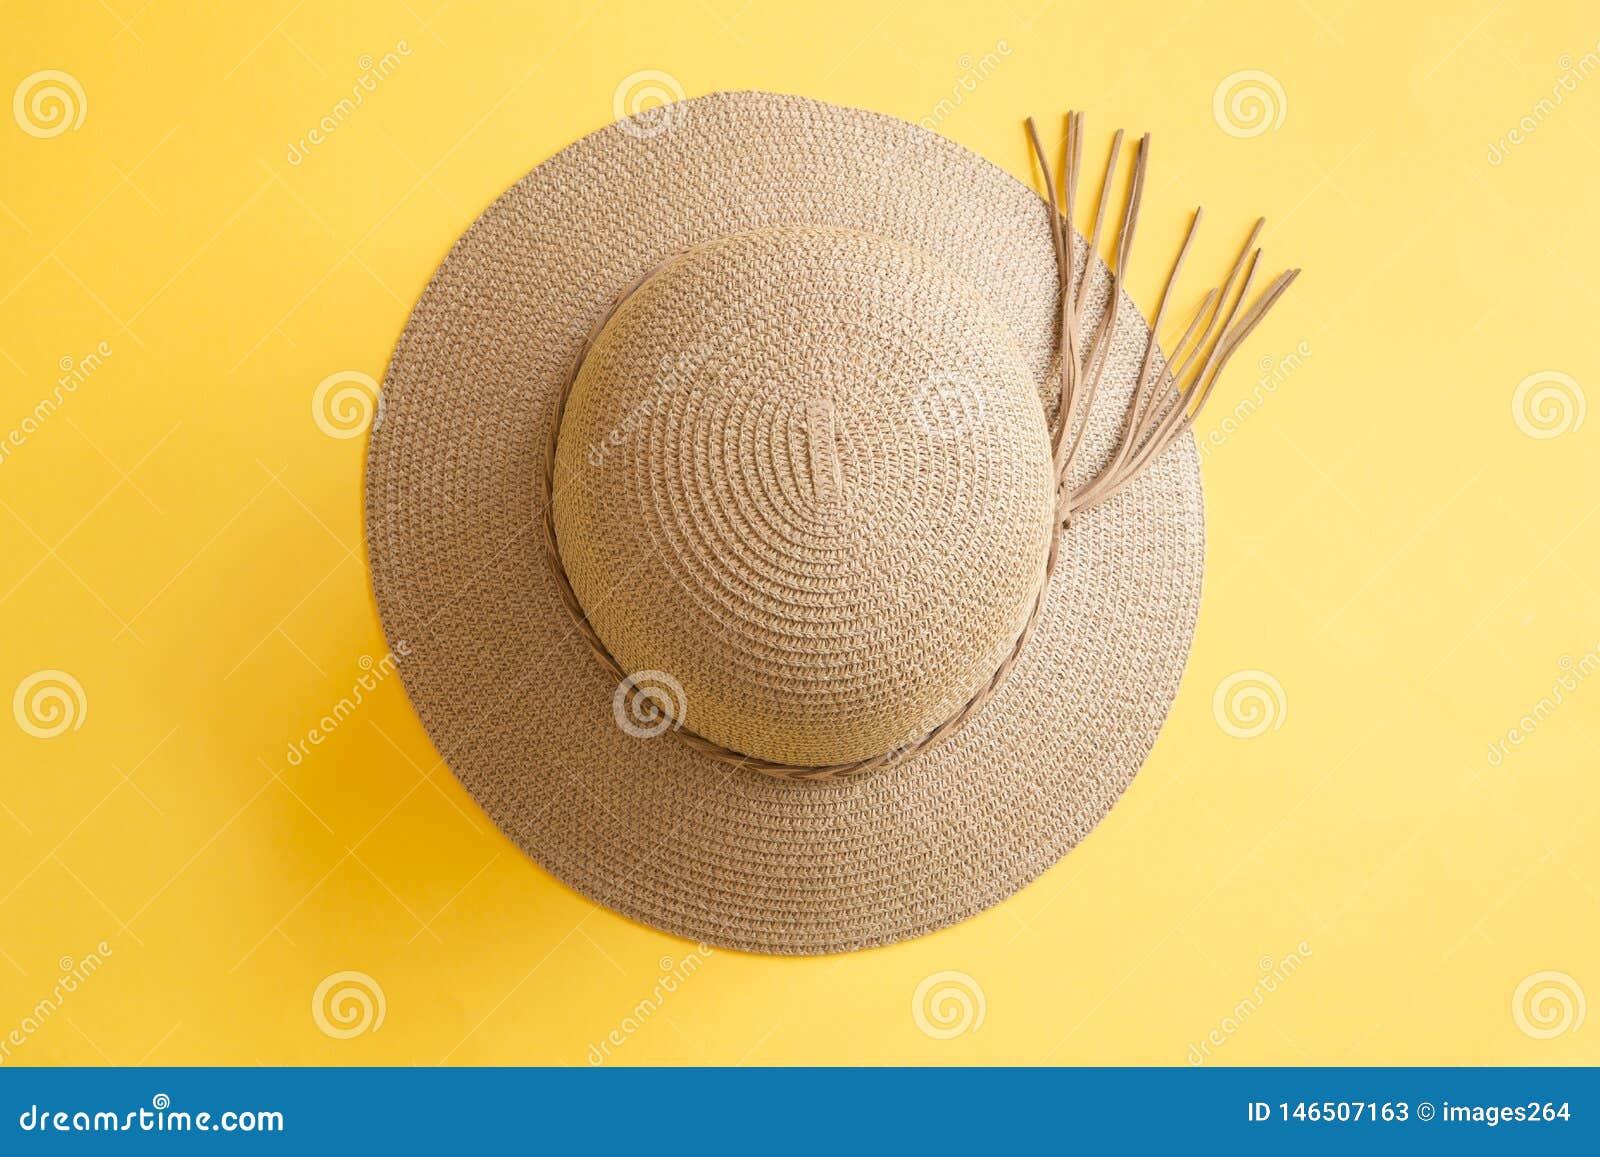 De hoed van de vrouw op gele achtergrond